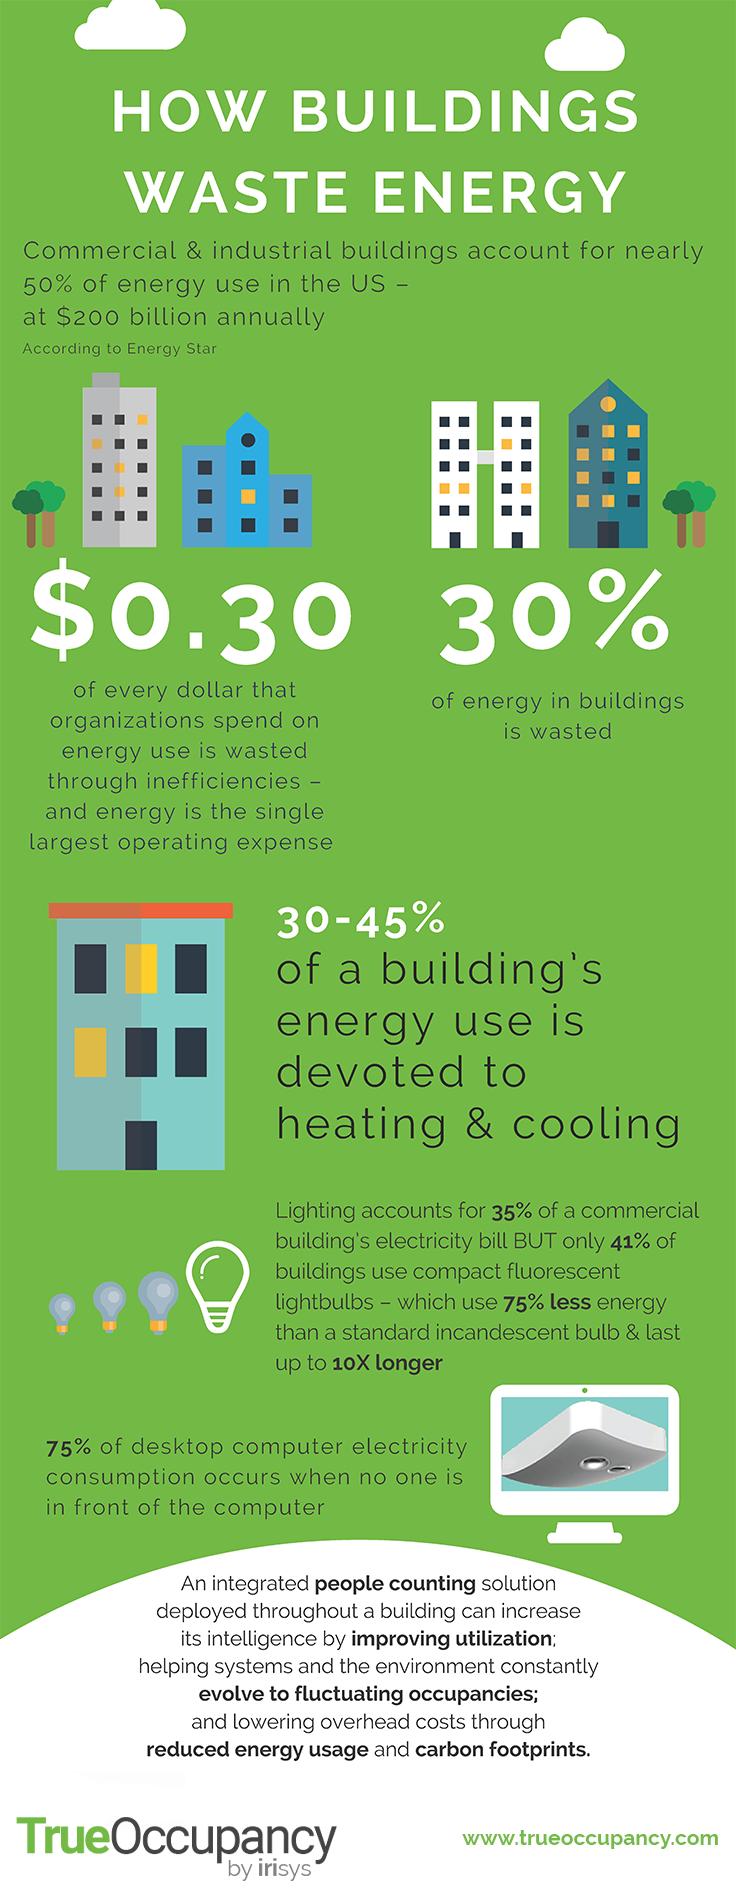 How Buildings Waste Energy - True Occupancy